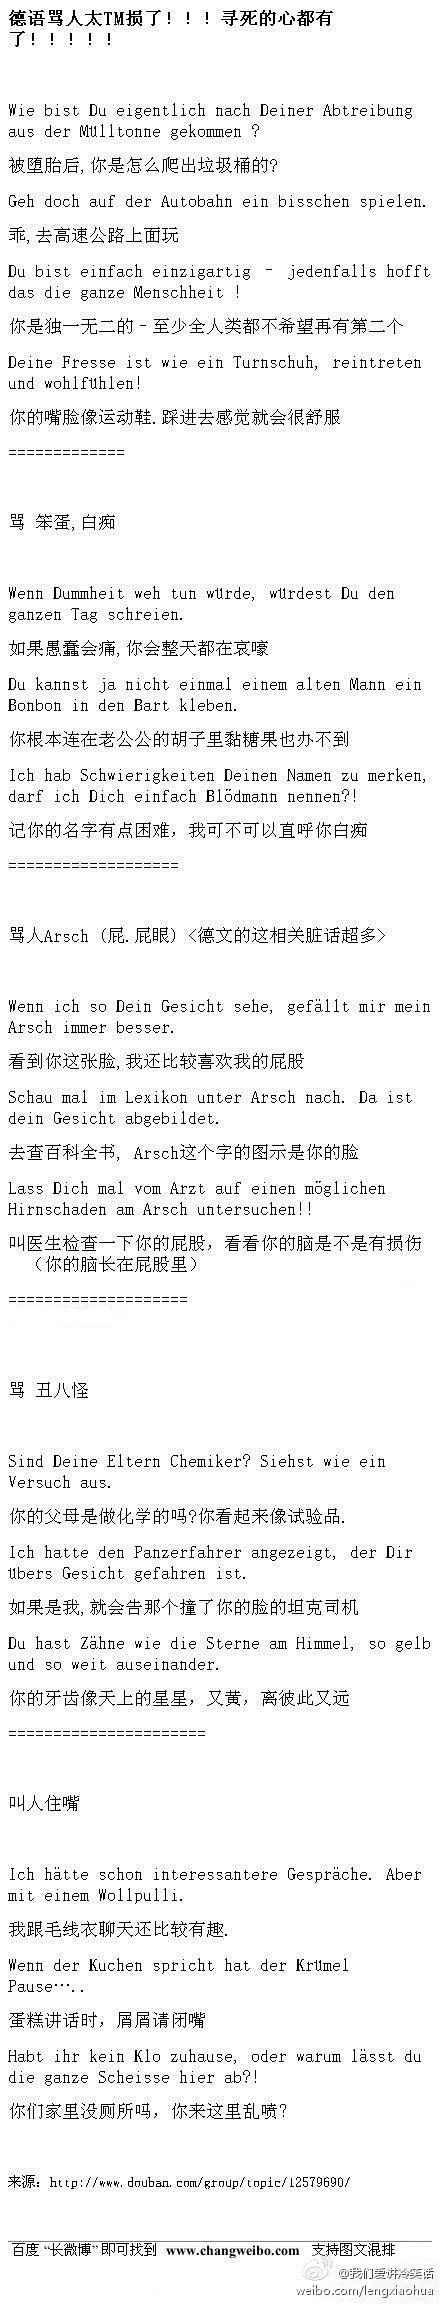 德语骂人太TM损了!!!寻死的心都有了!!!!!(转)